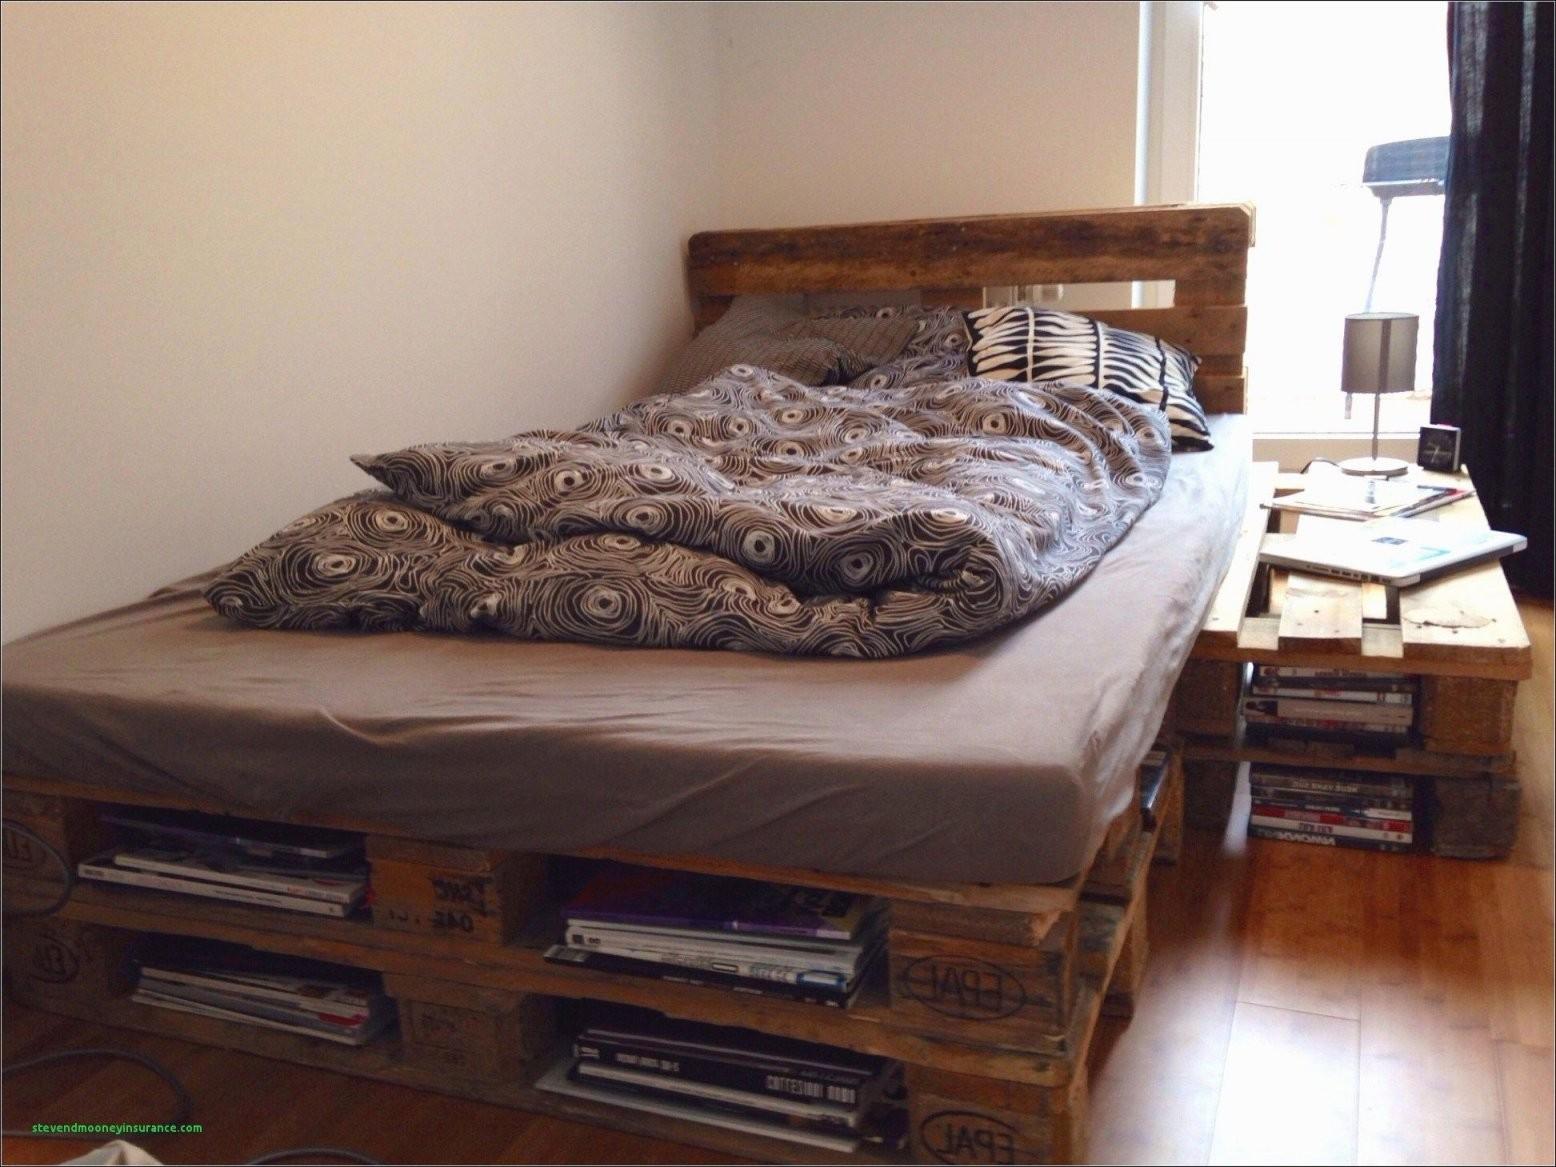 Bett Selber Bauen Kreativ Kreativ Bett Selber Bauen  Bett Ideen von Bett Selber Bauen Kreativ Bild